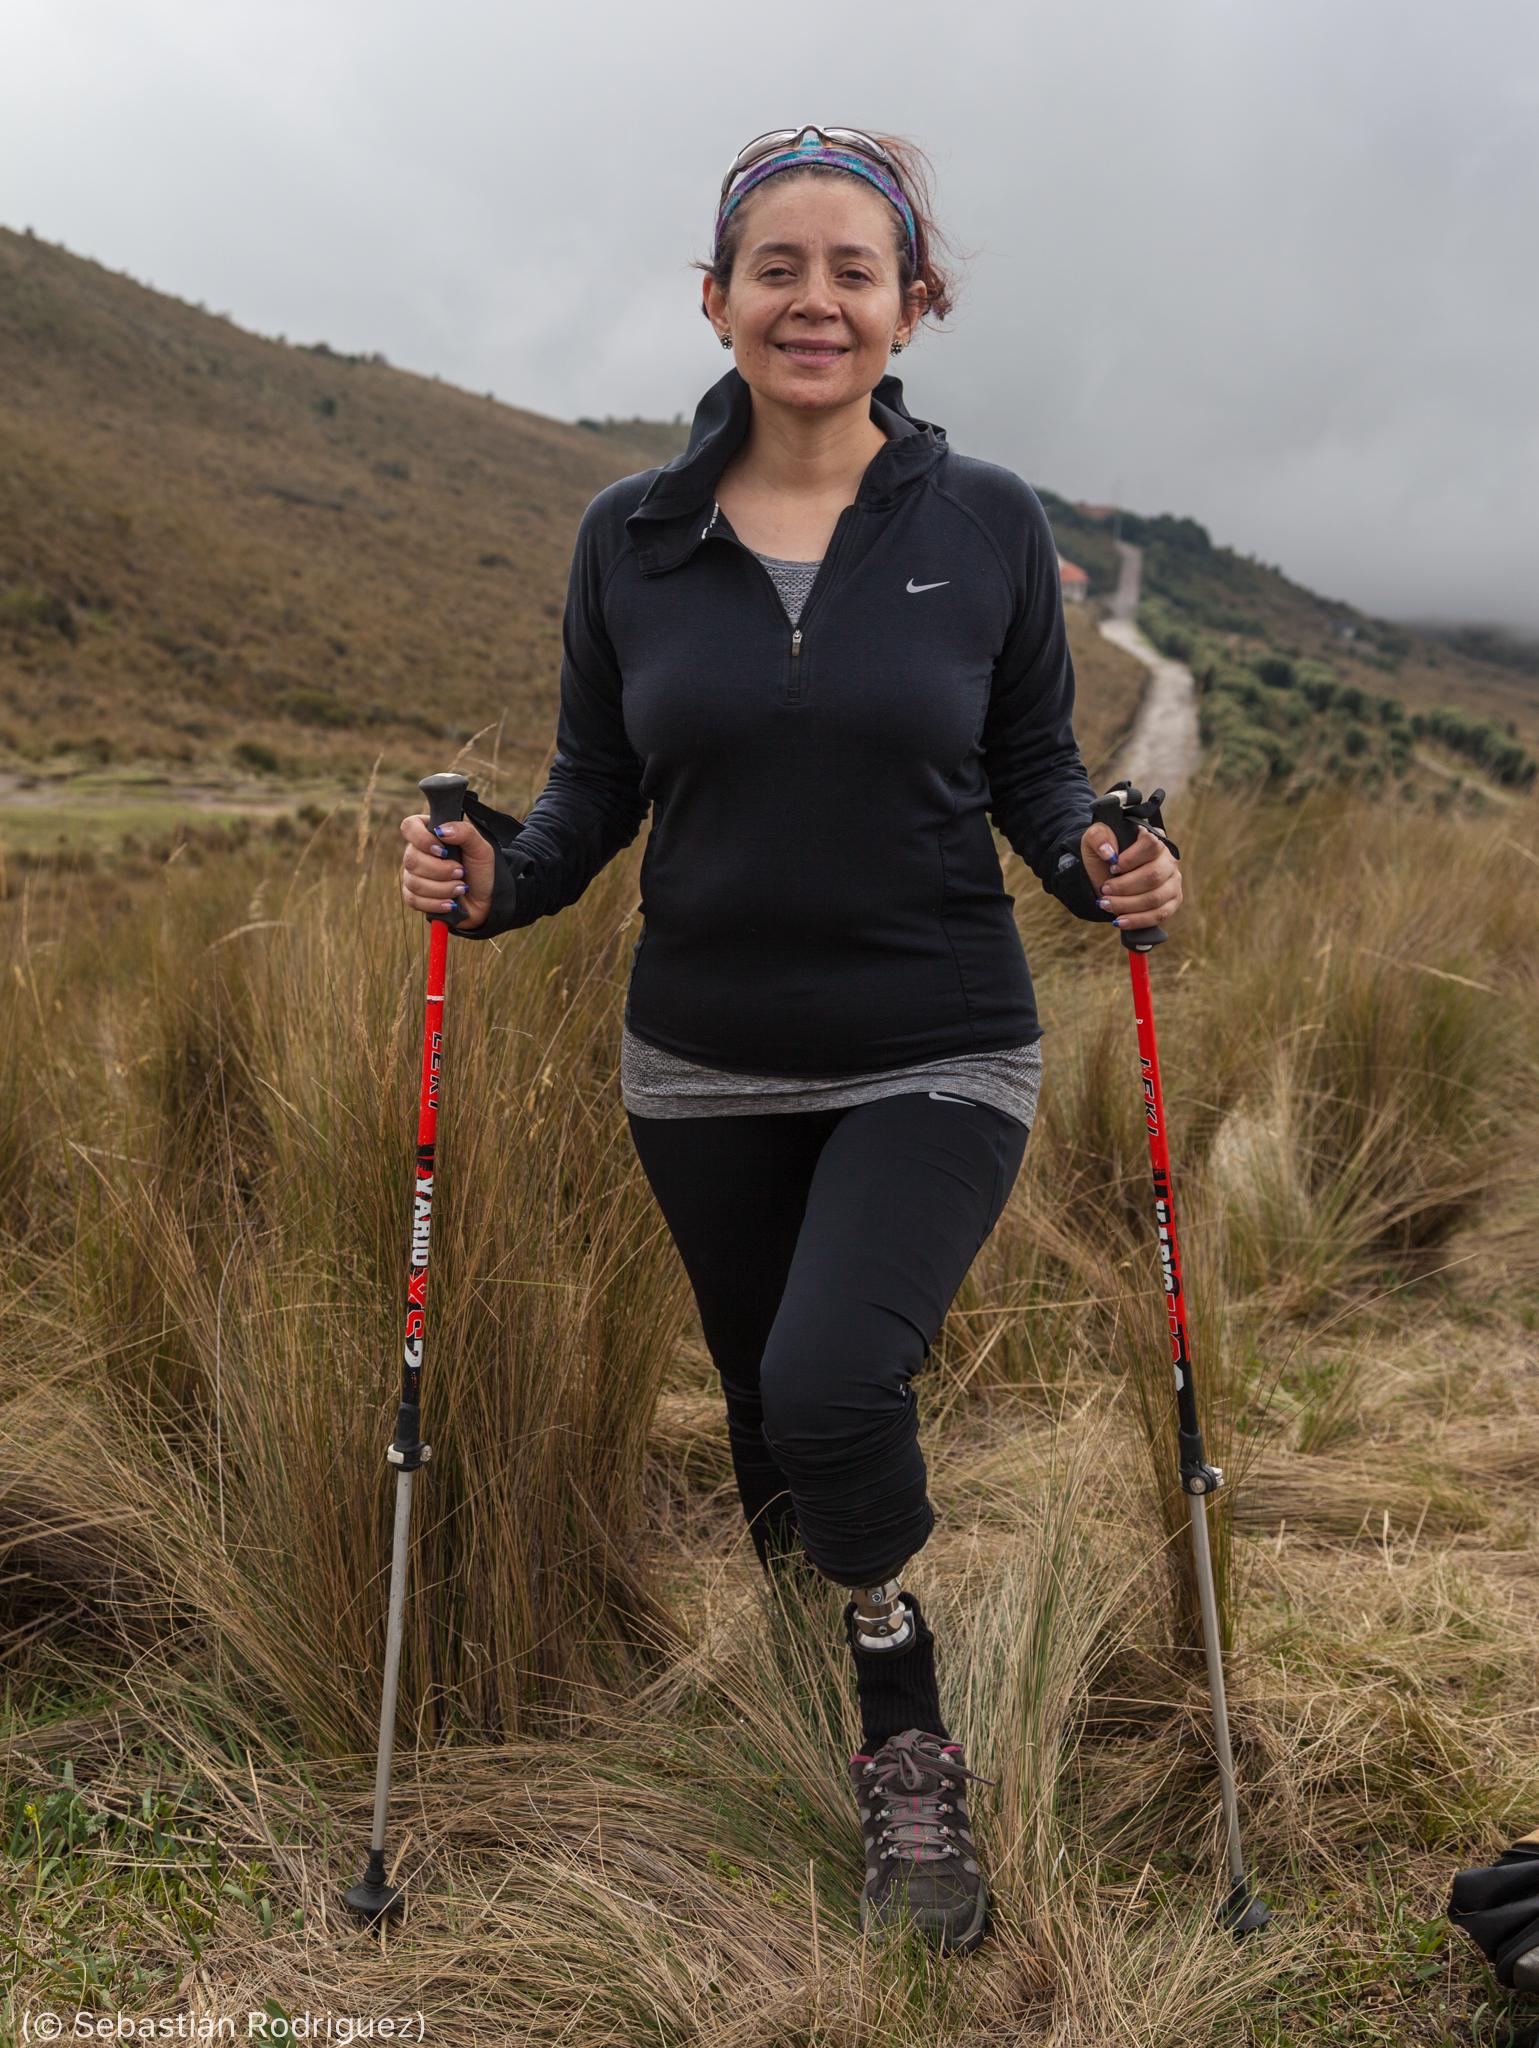 Wanita berjalan di lereng bukit dengan tongkat (© Sebastián Rodriguez)